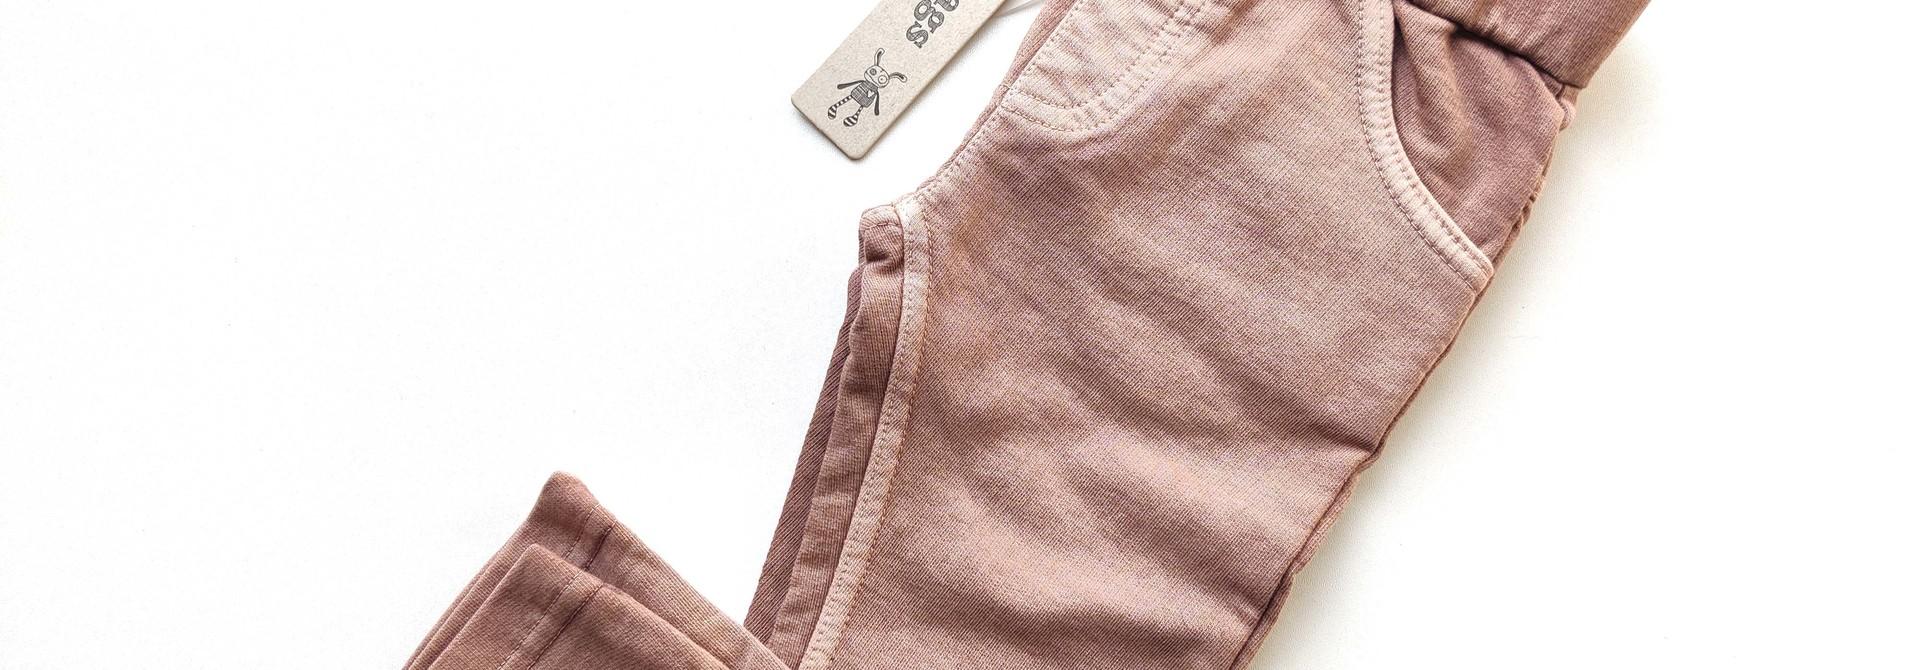 Nieuwe joggingsbroek Small Rags